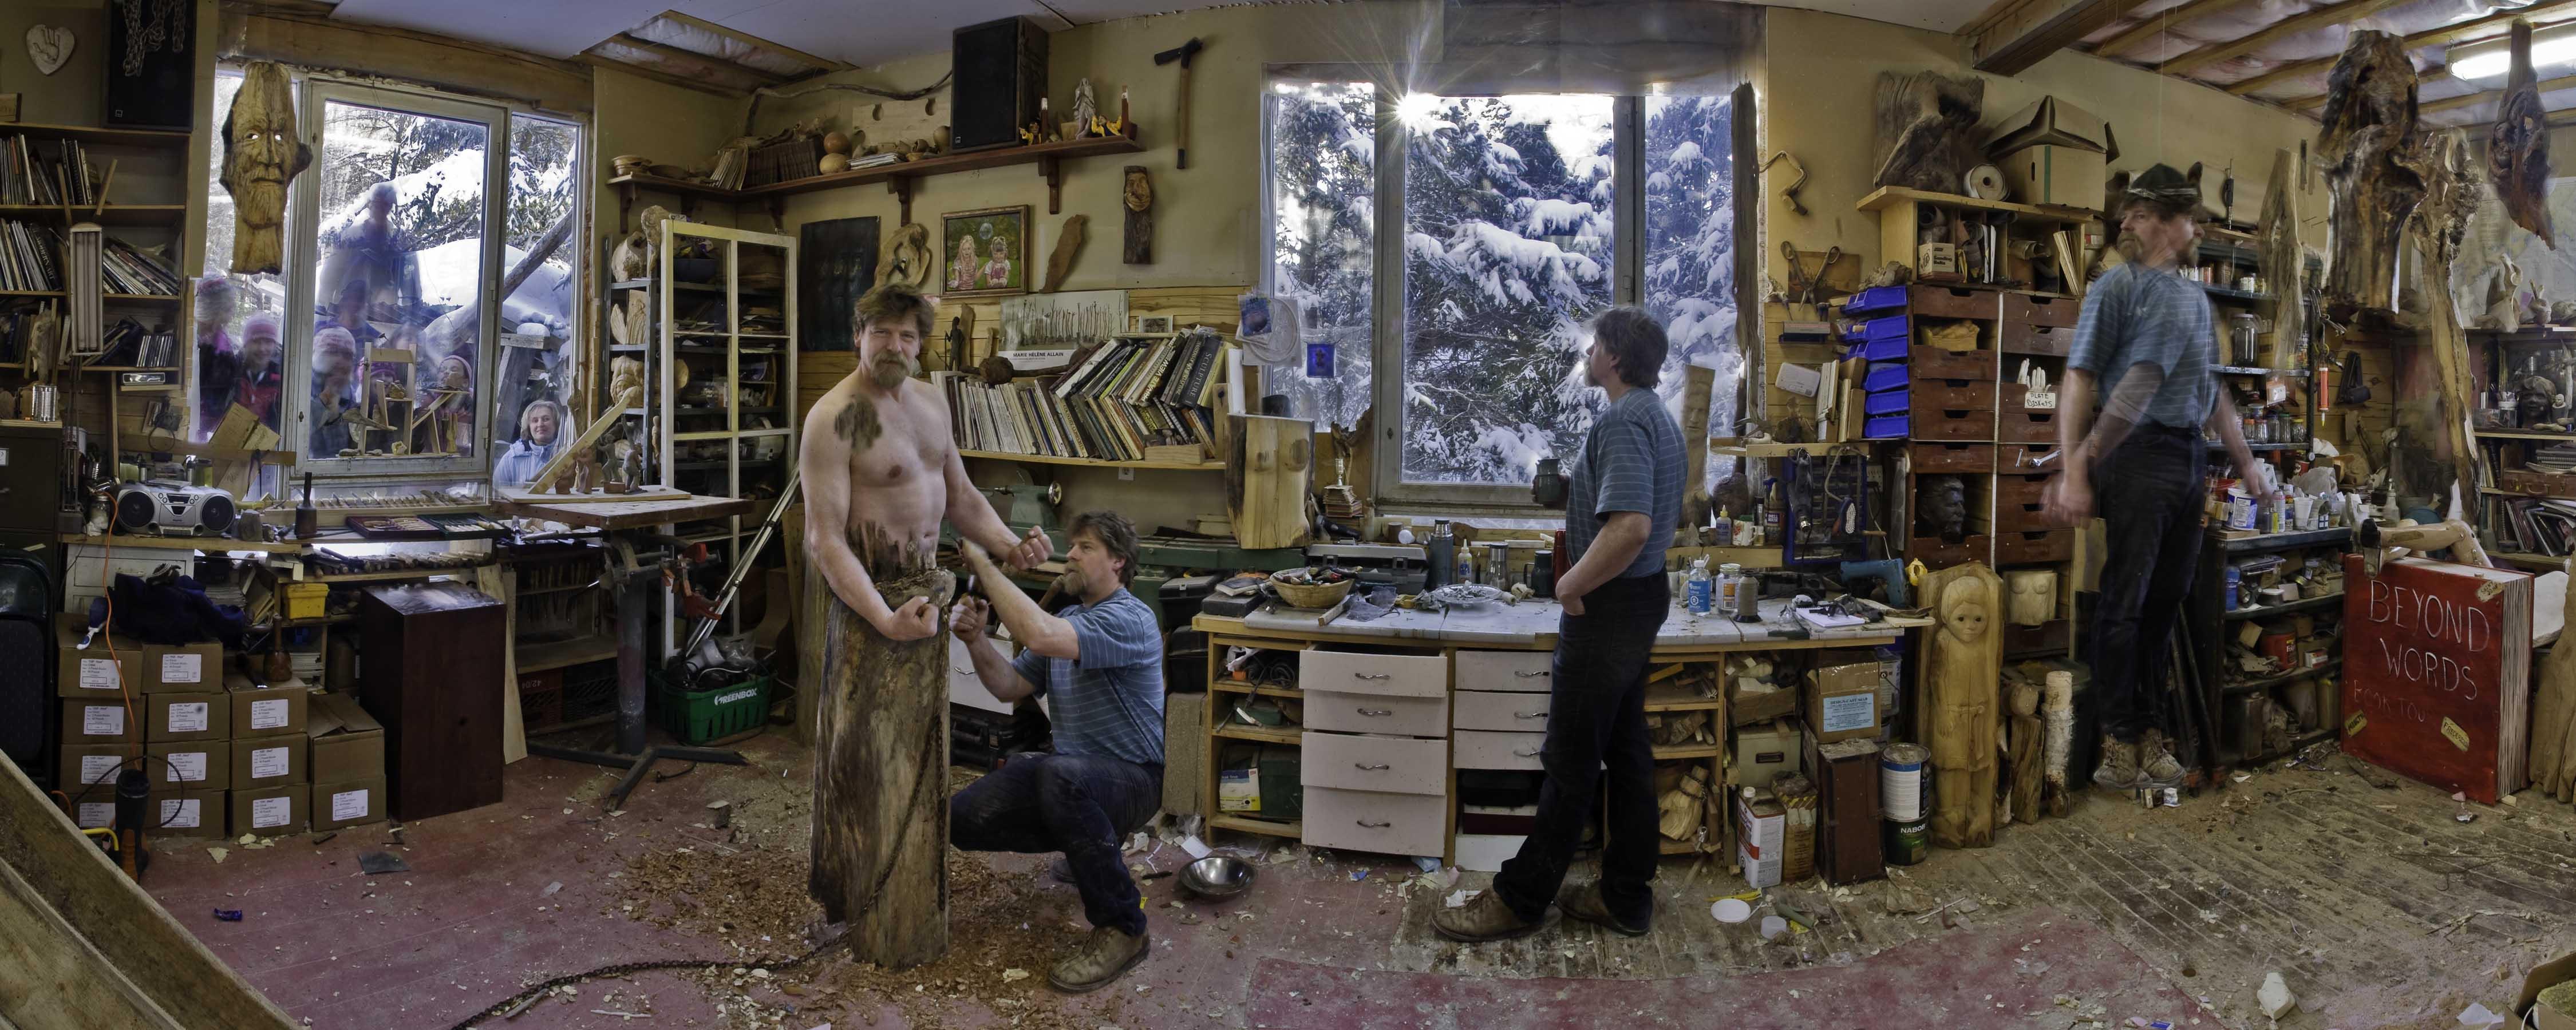 Darren Byers in the studio Photo taken by Greg Klassen